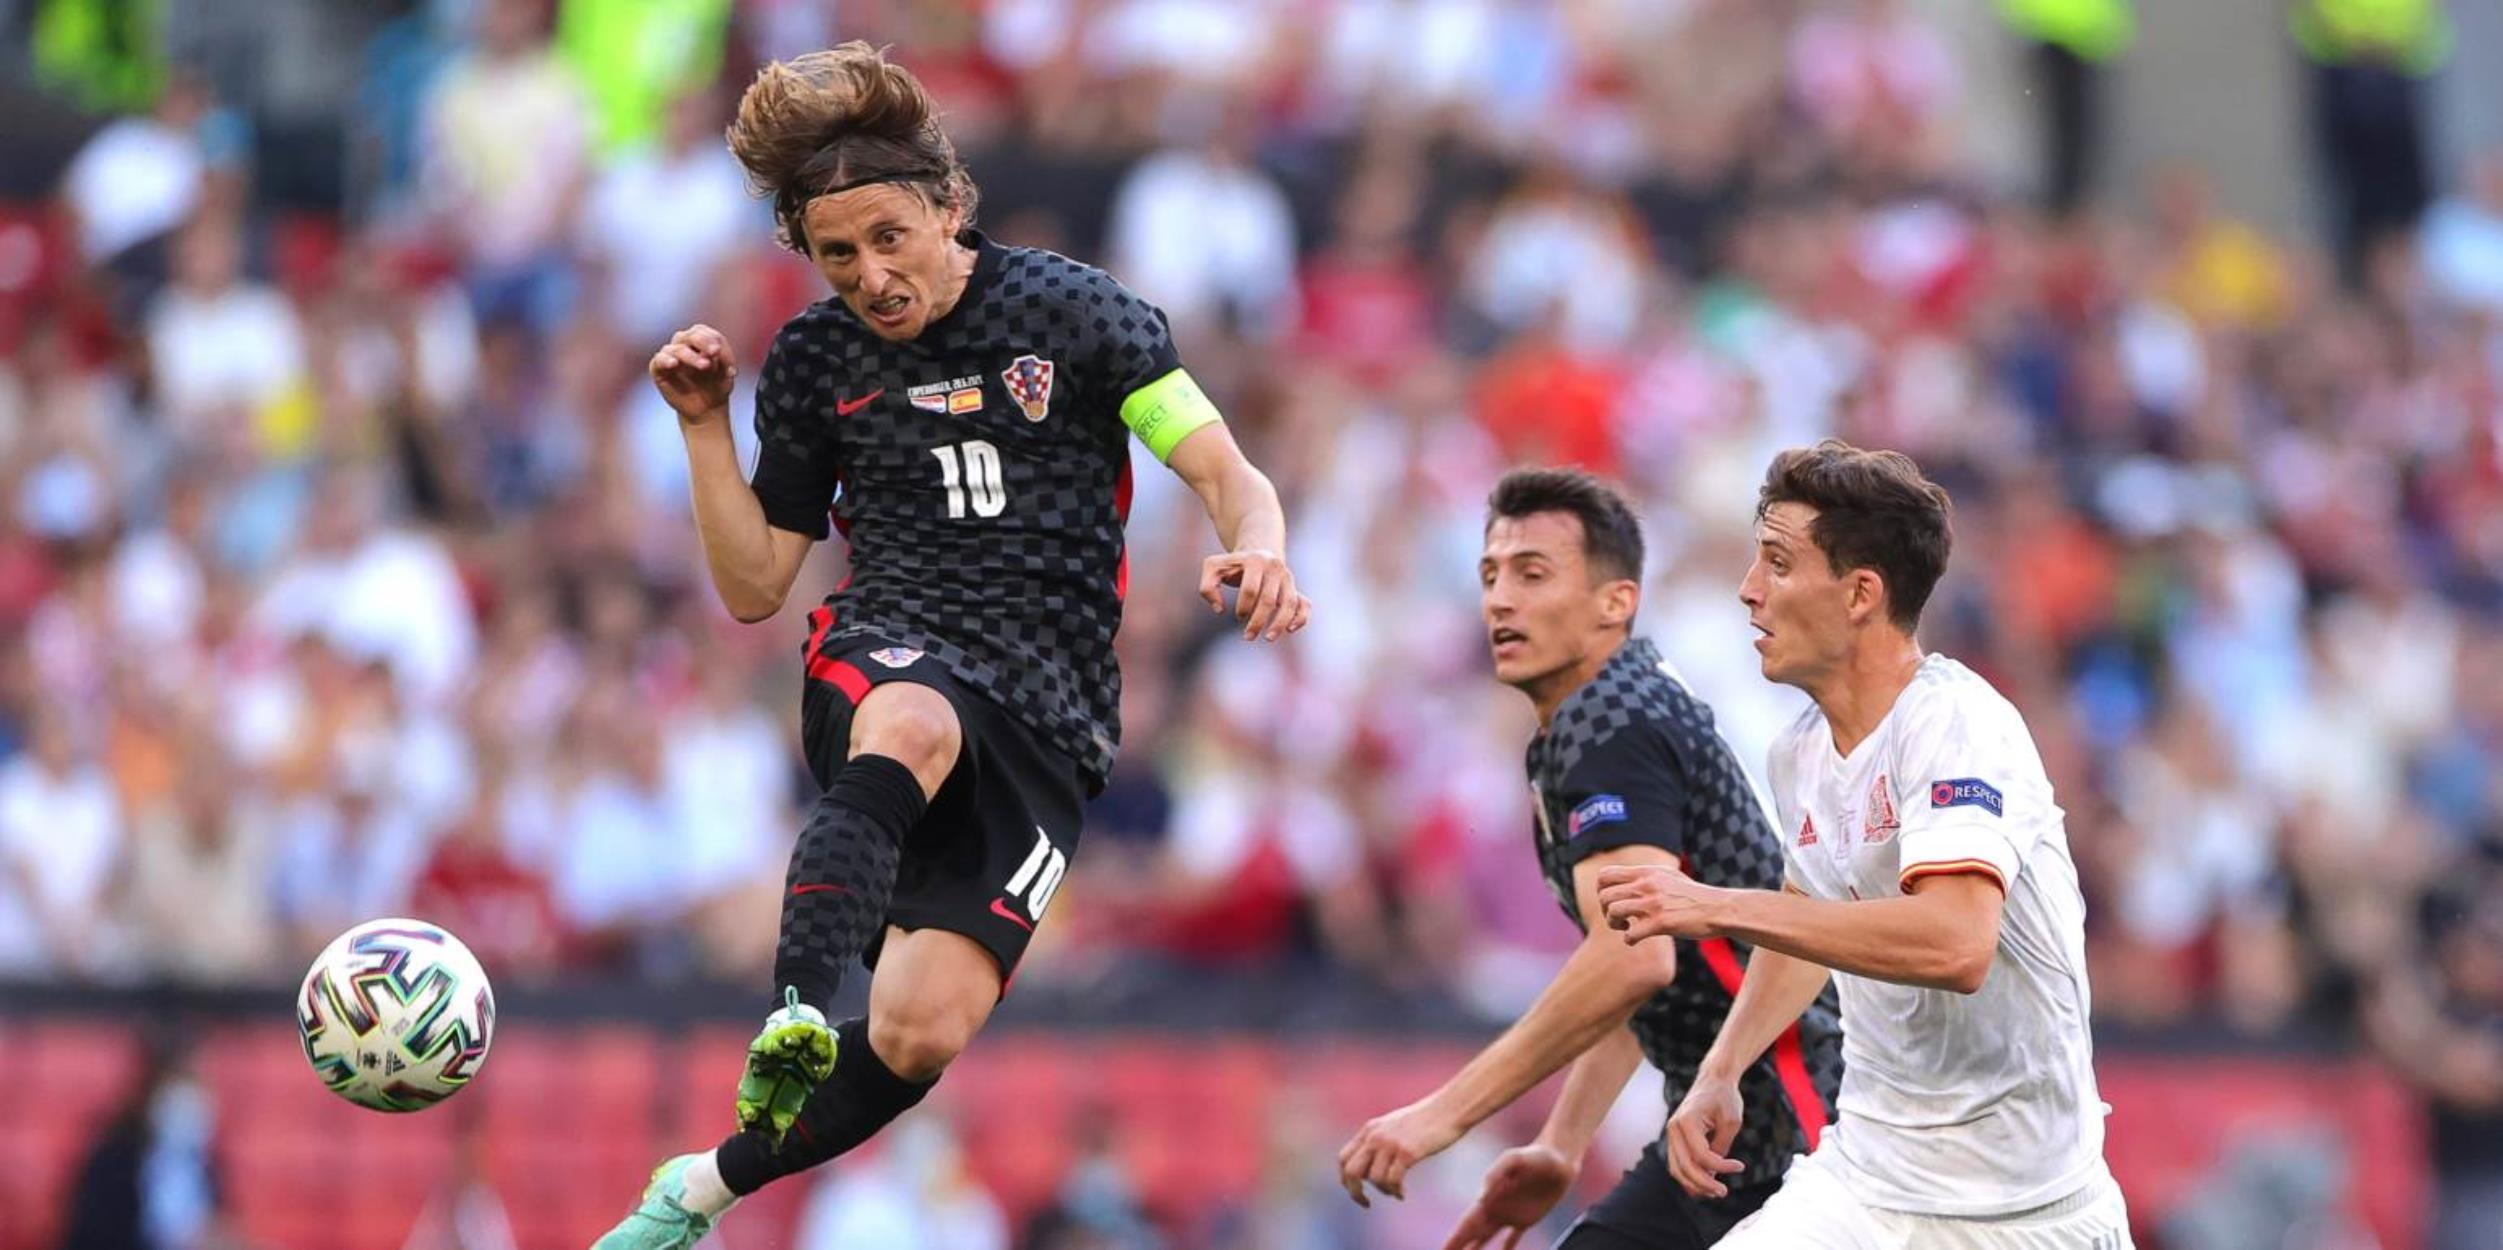 Κροατία - Ισπανία 3-5